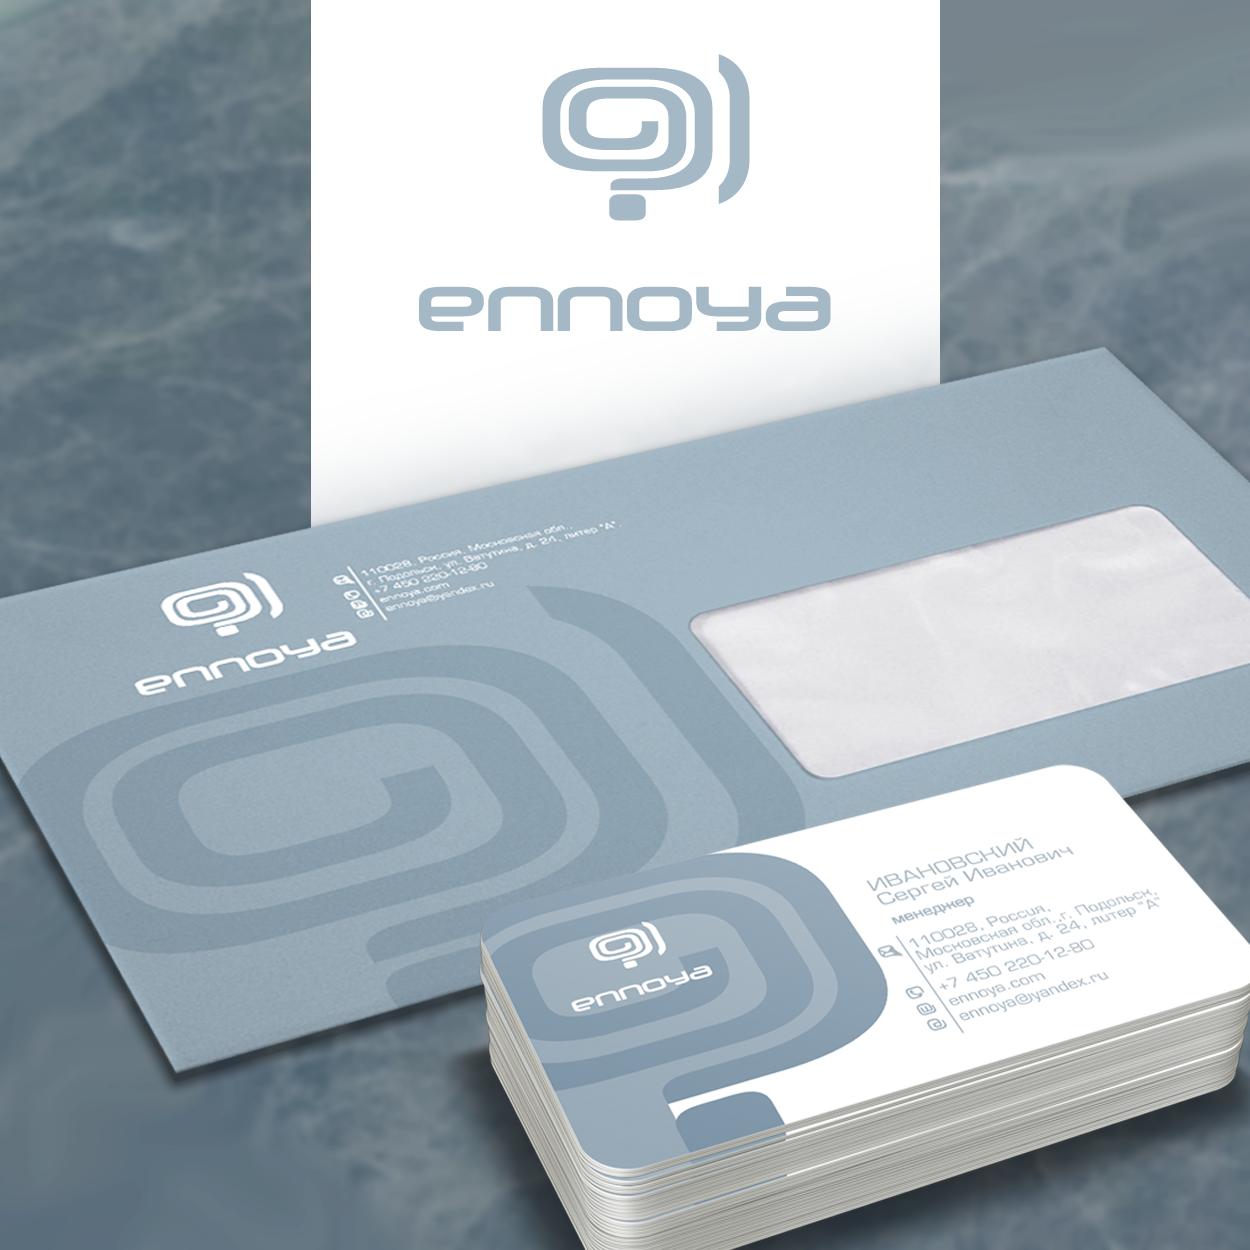 Логотип + фирменный стиль для продуктовой IT компании фото f_0855ace5d14420b8.png